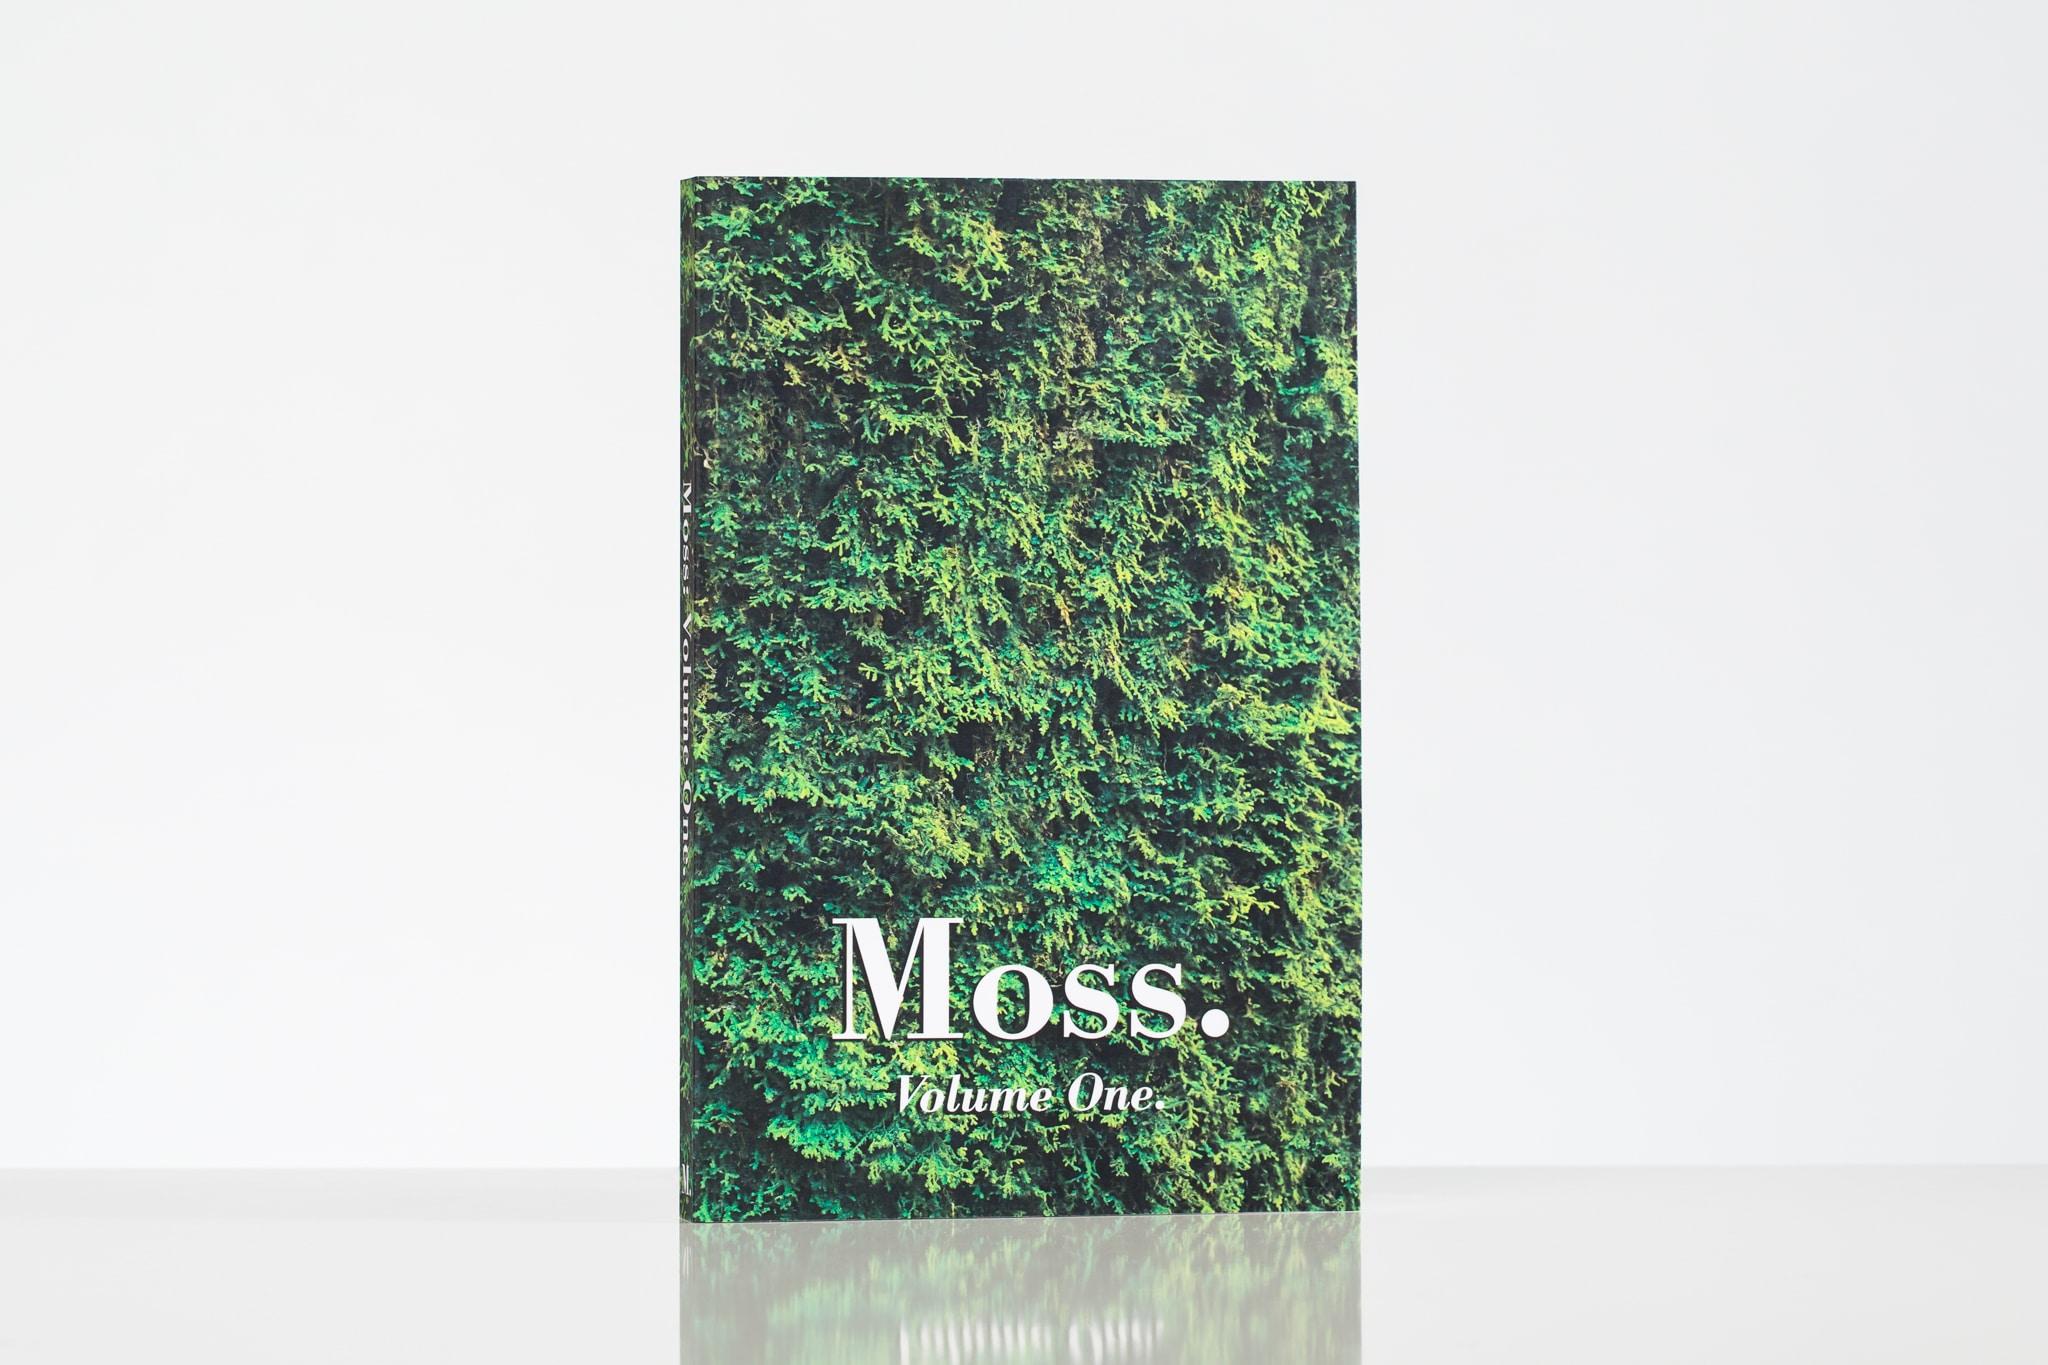 Moss, Kickstarter Journal Book Printing